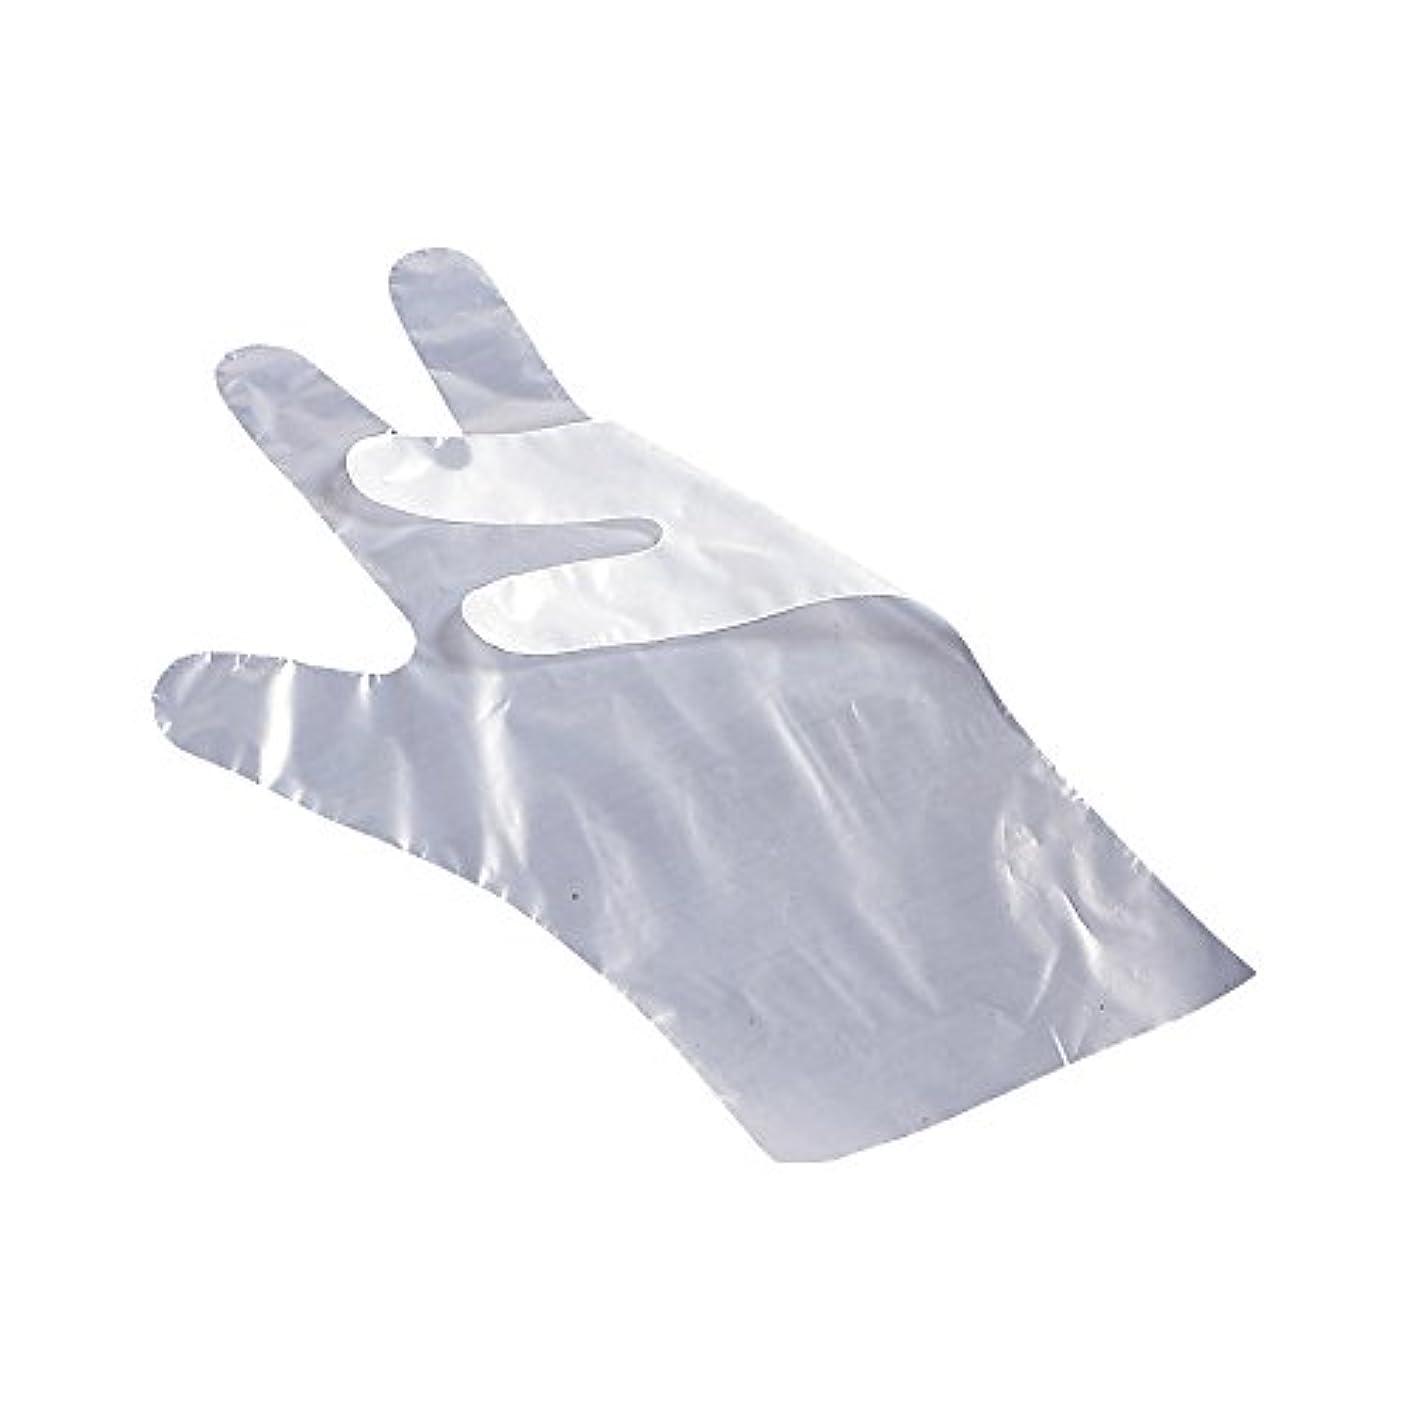 必要ないサスペンドサクラメンエンボス手袋 デラックス 白 L 100枚入